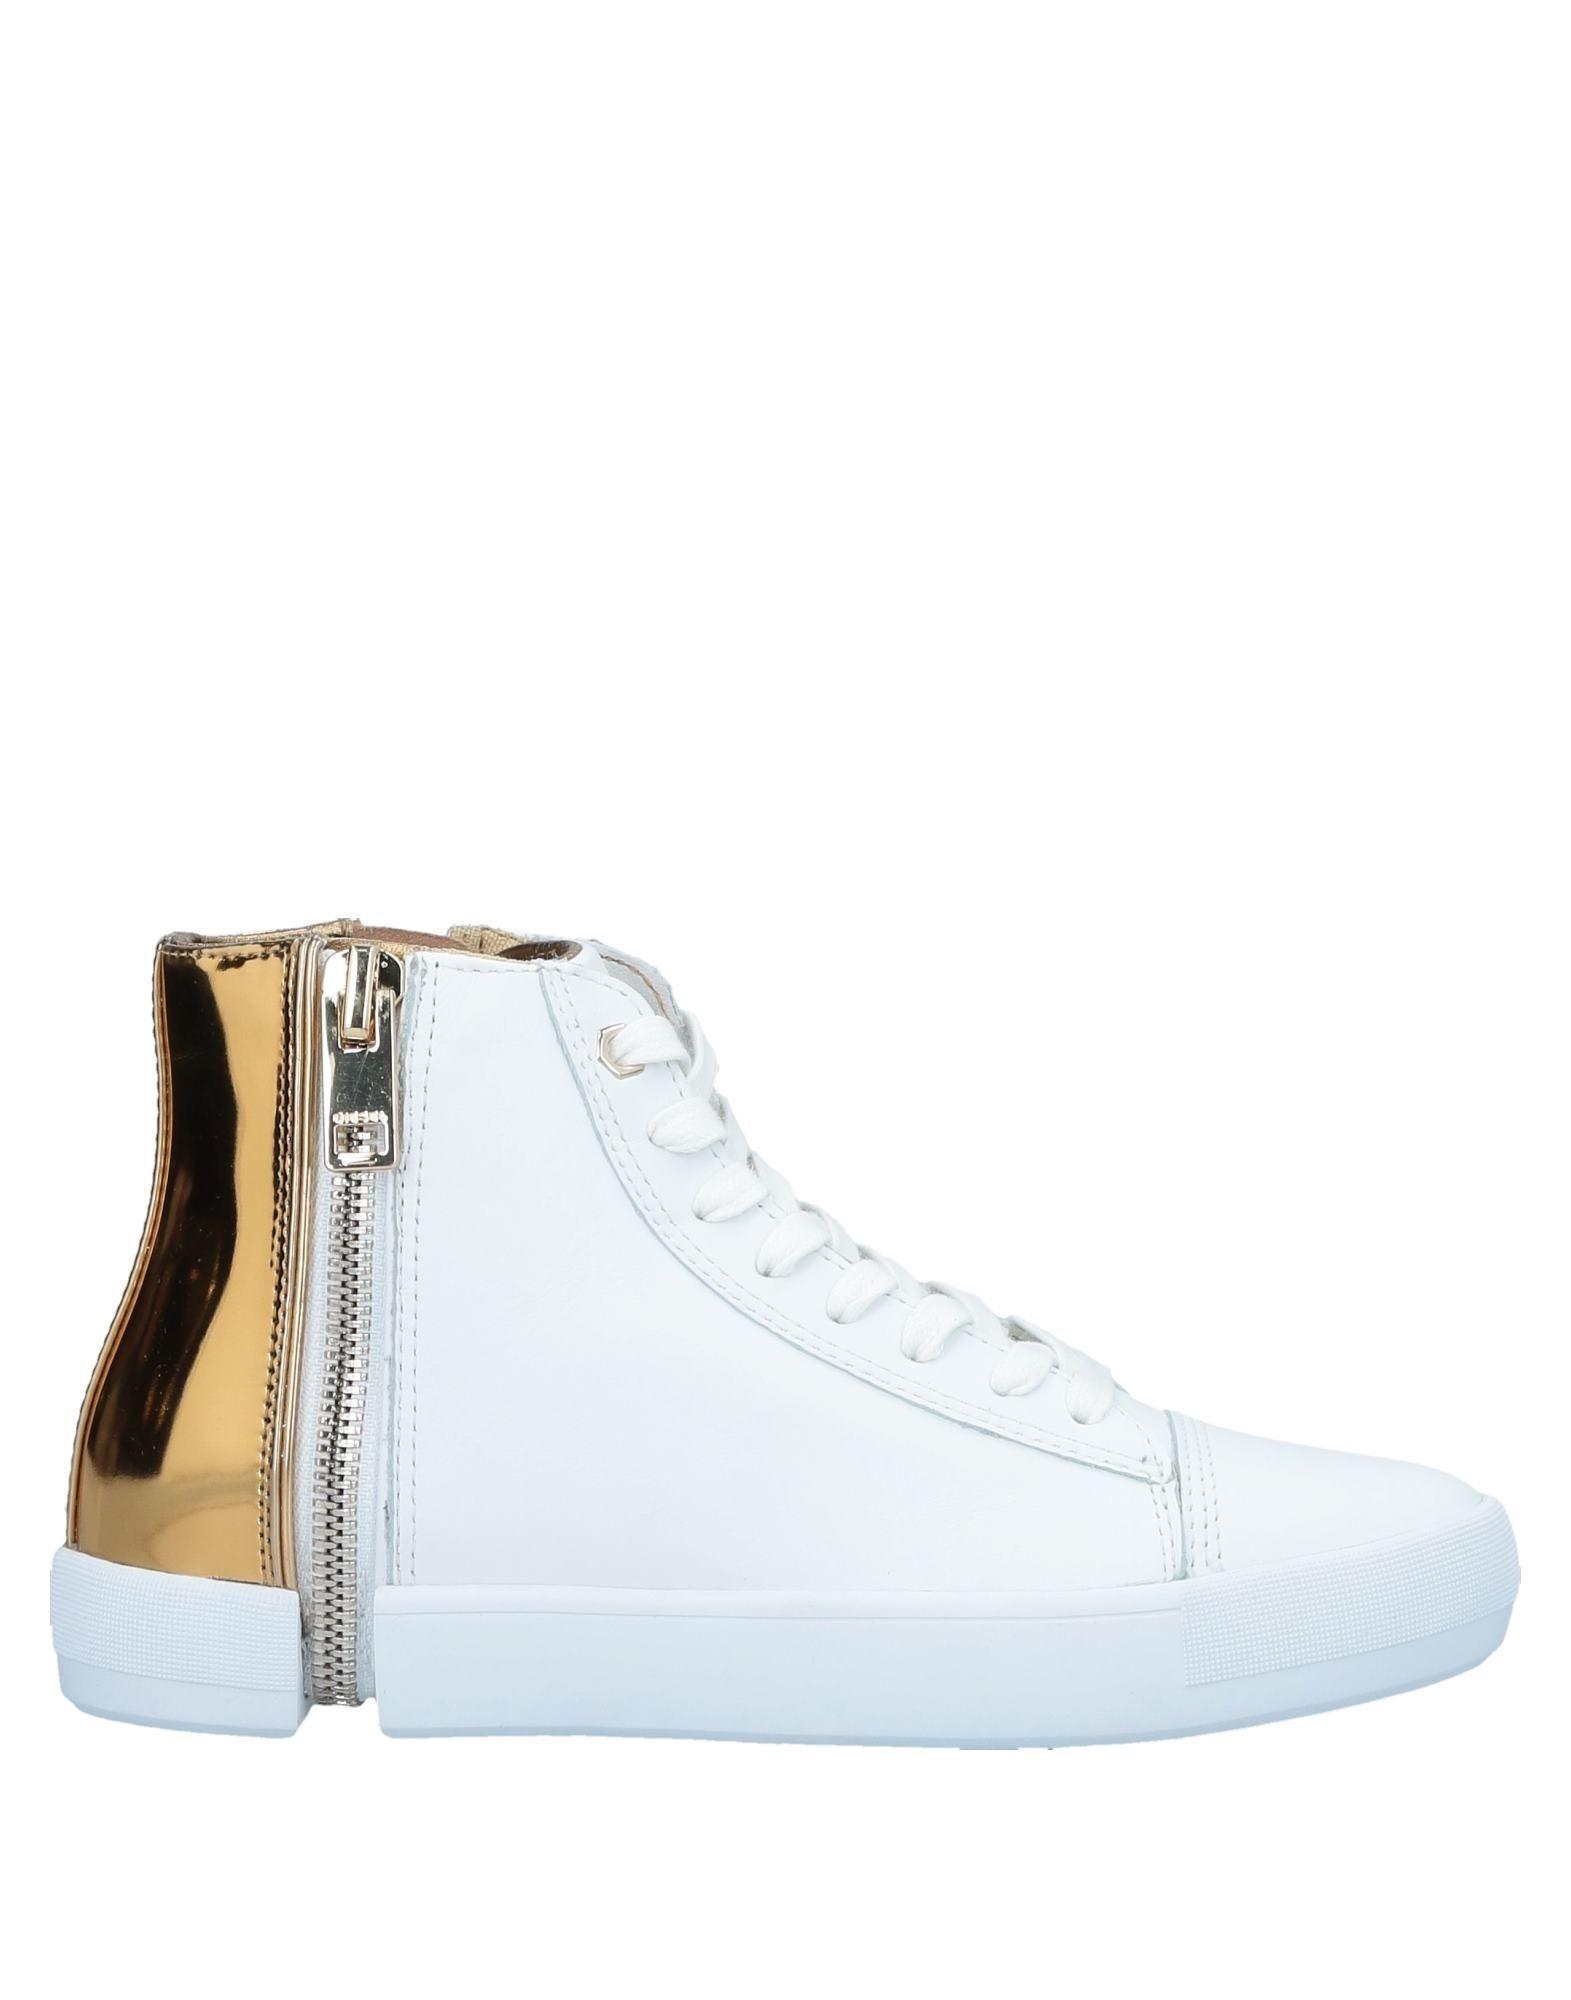 Diesel Sneakers Damen Damen Sneakers  11535758DU 7a2f8f